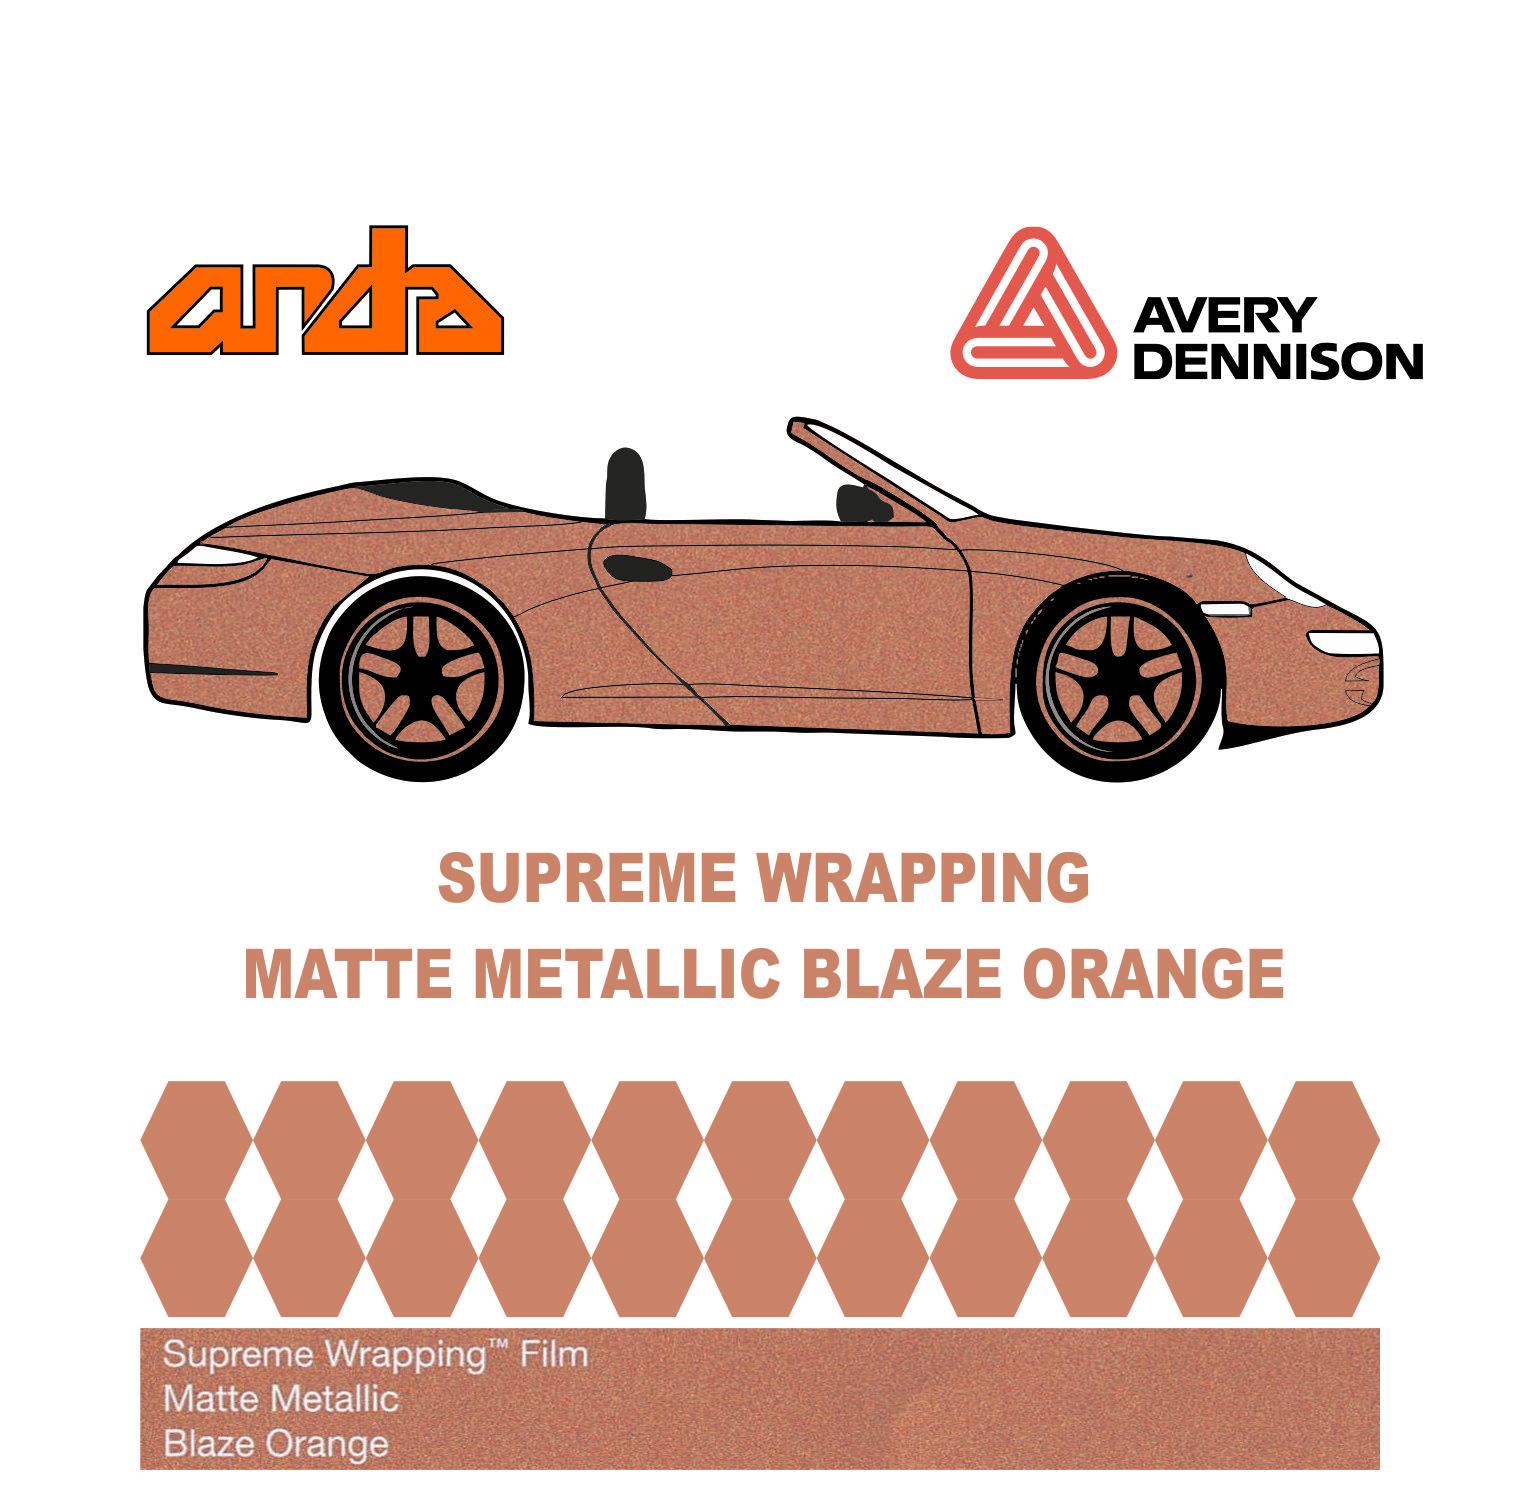 Avery Dennison- SWF Matte Metallic Blaze Orange 1